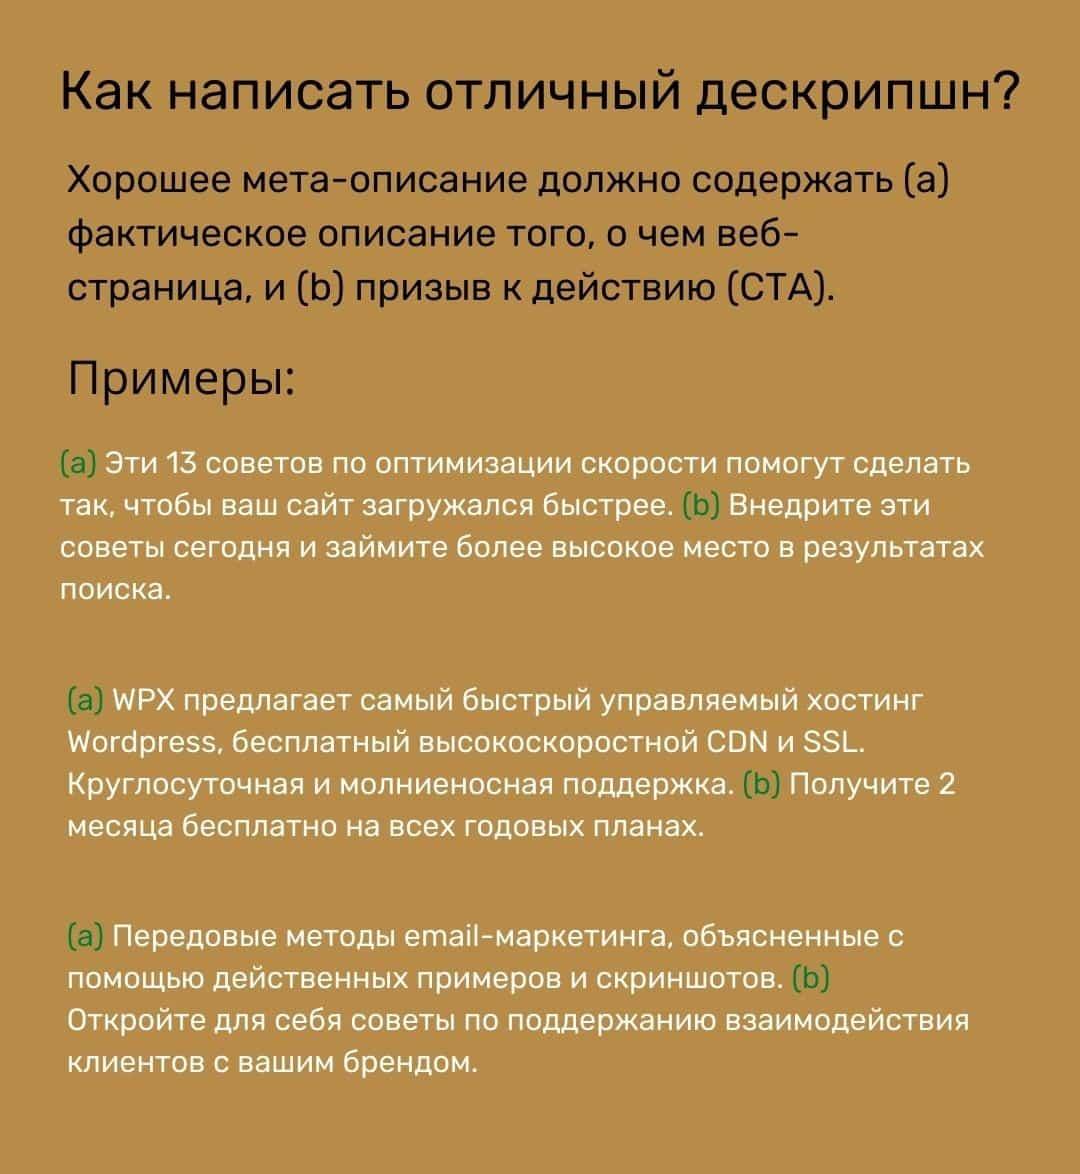 Примеры написания description